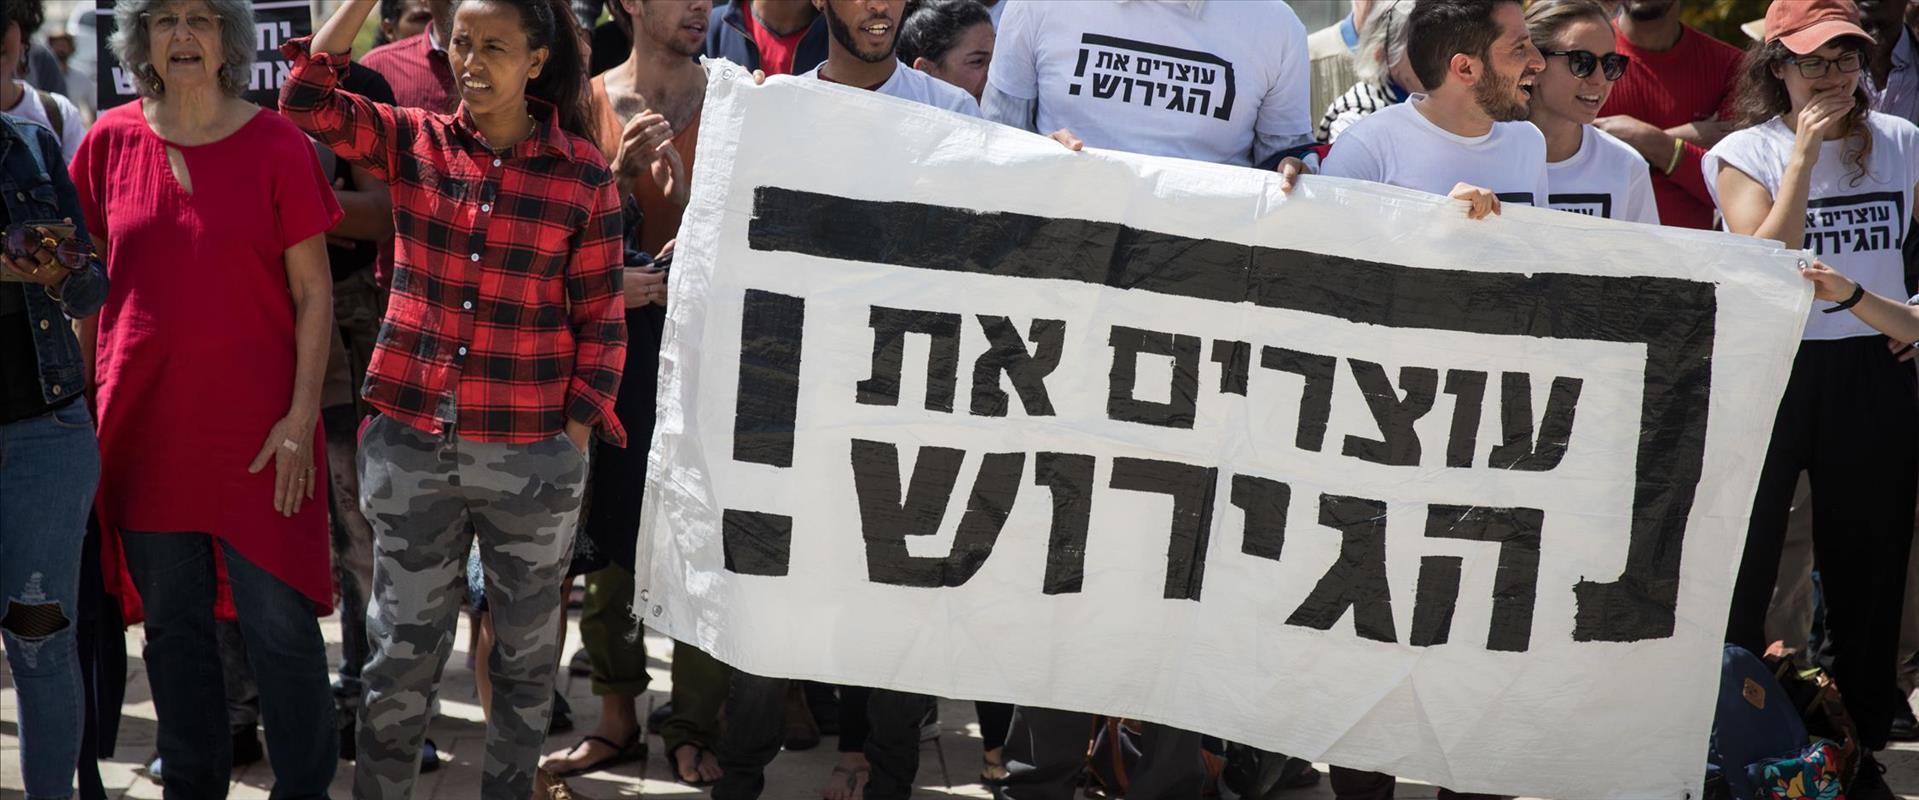 הפגנה נגד גירוש מבקשי מקלט